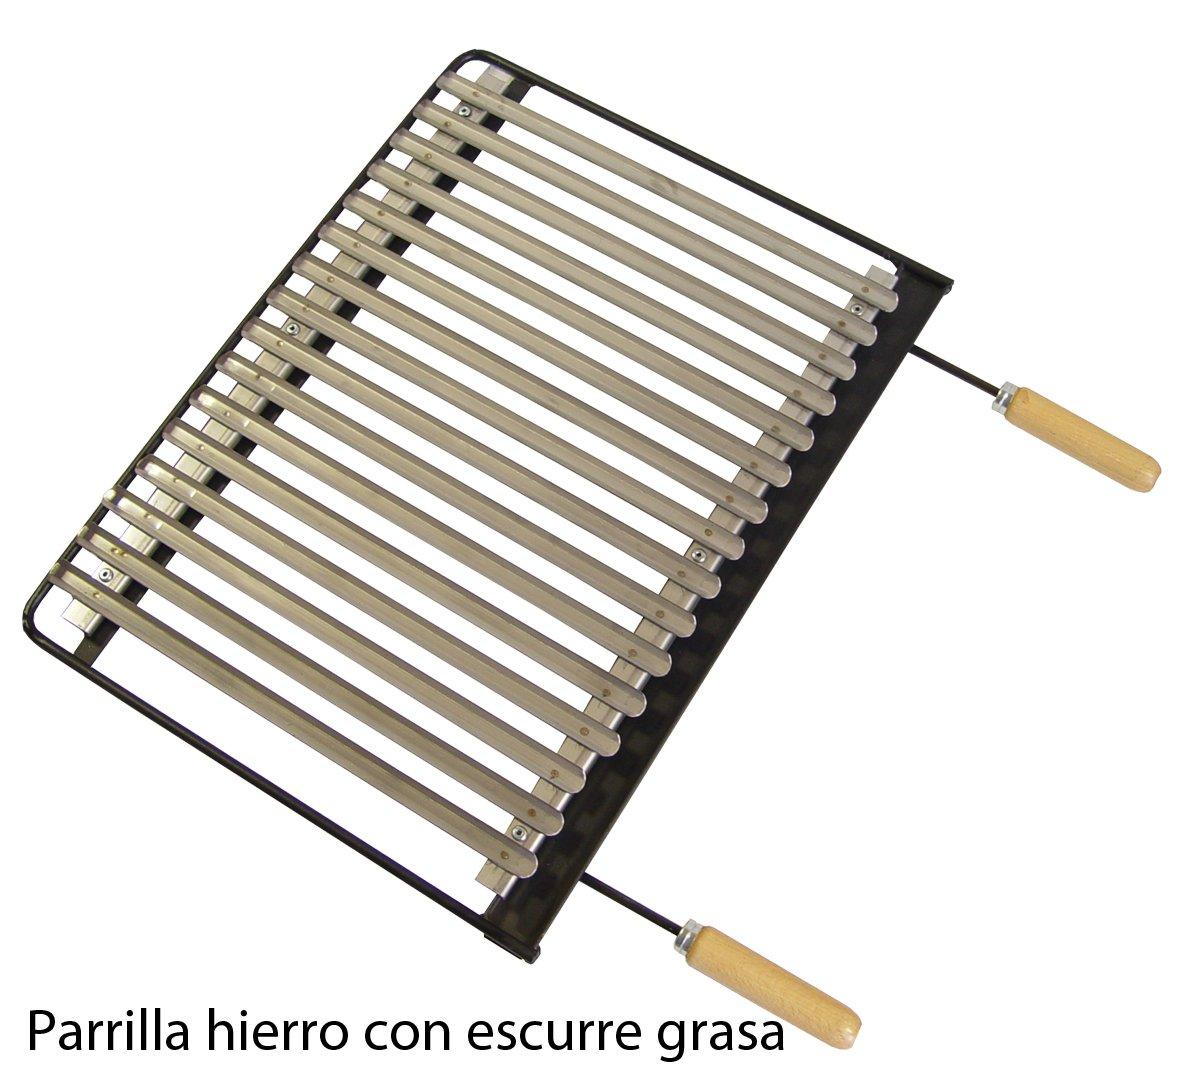 IMEX EL ZORRO Barbacoa con Parrilla de Hierro, 60 x 43 x 33 cm, Negro, 71406: Amazon.es: Jardín